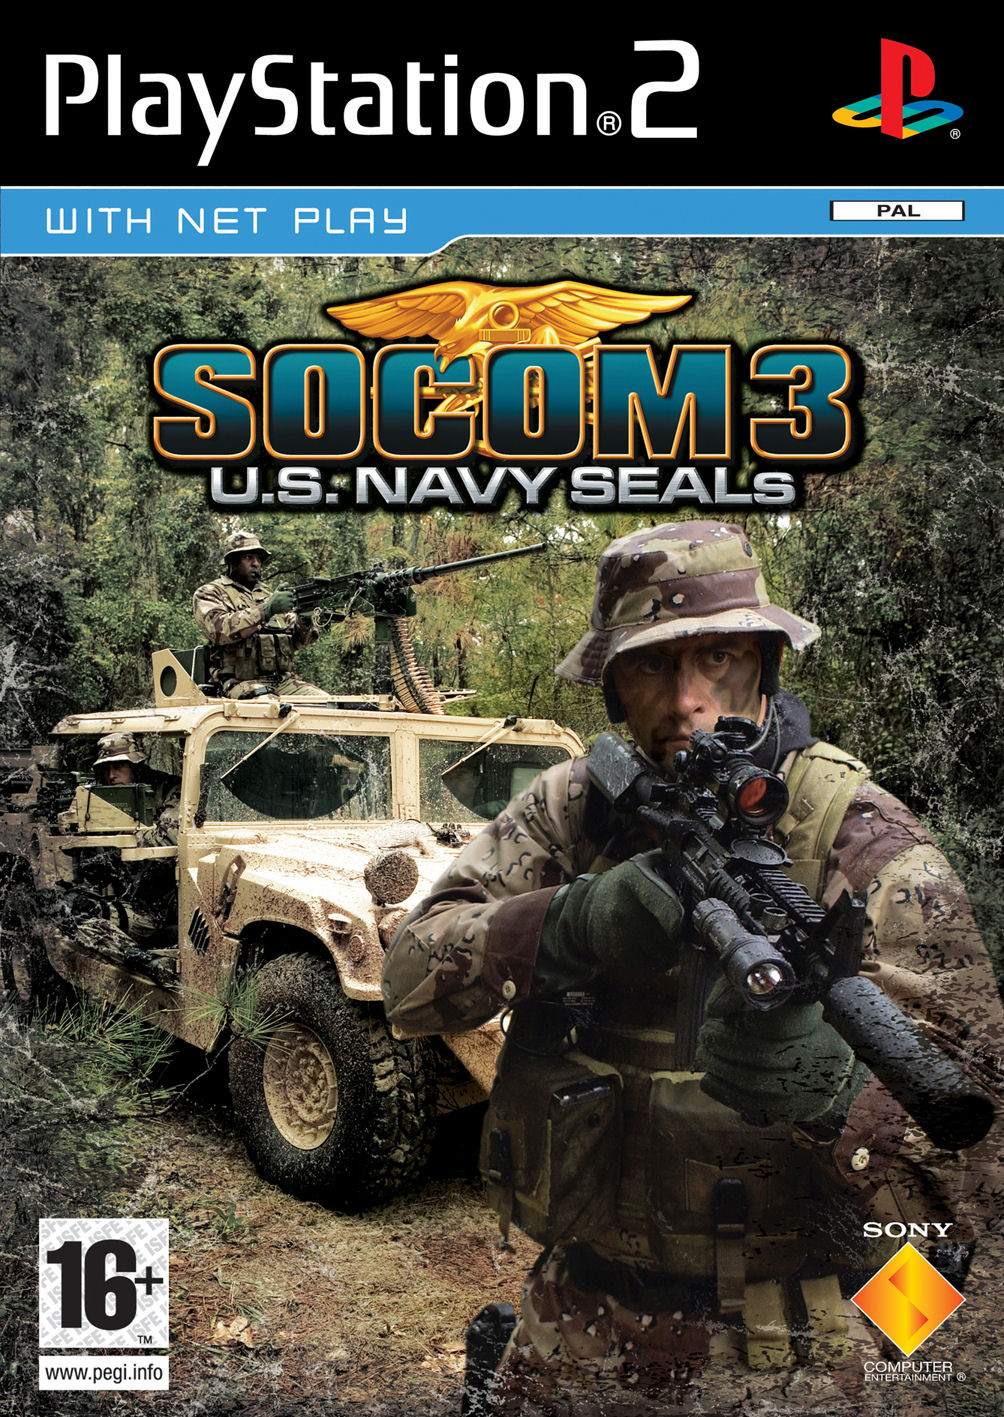 Socom3box